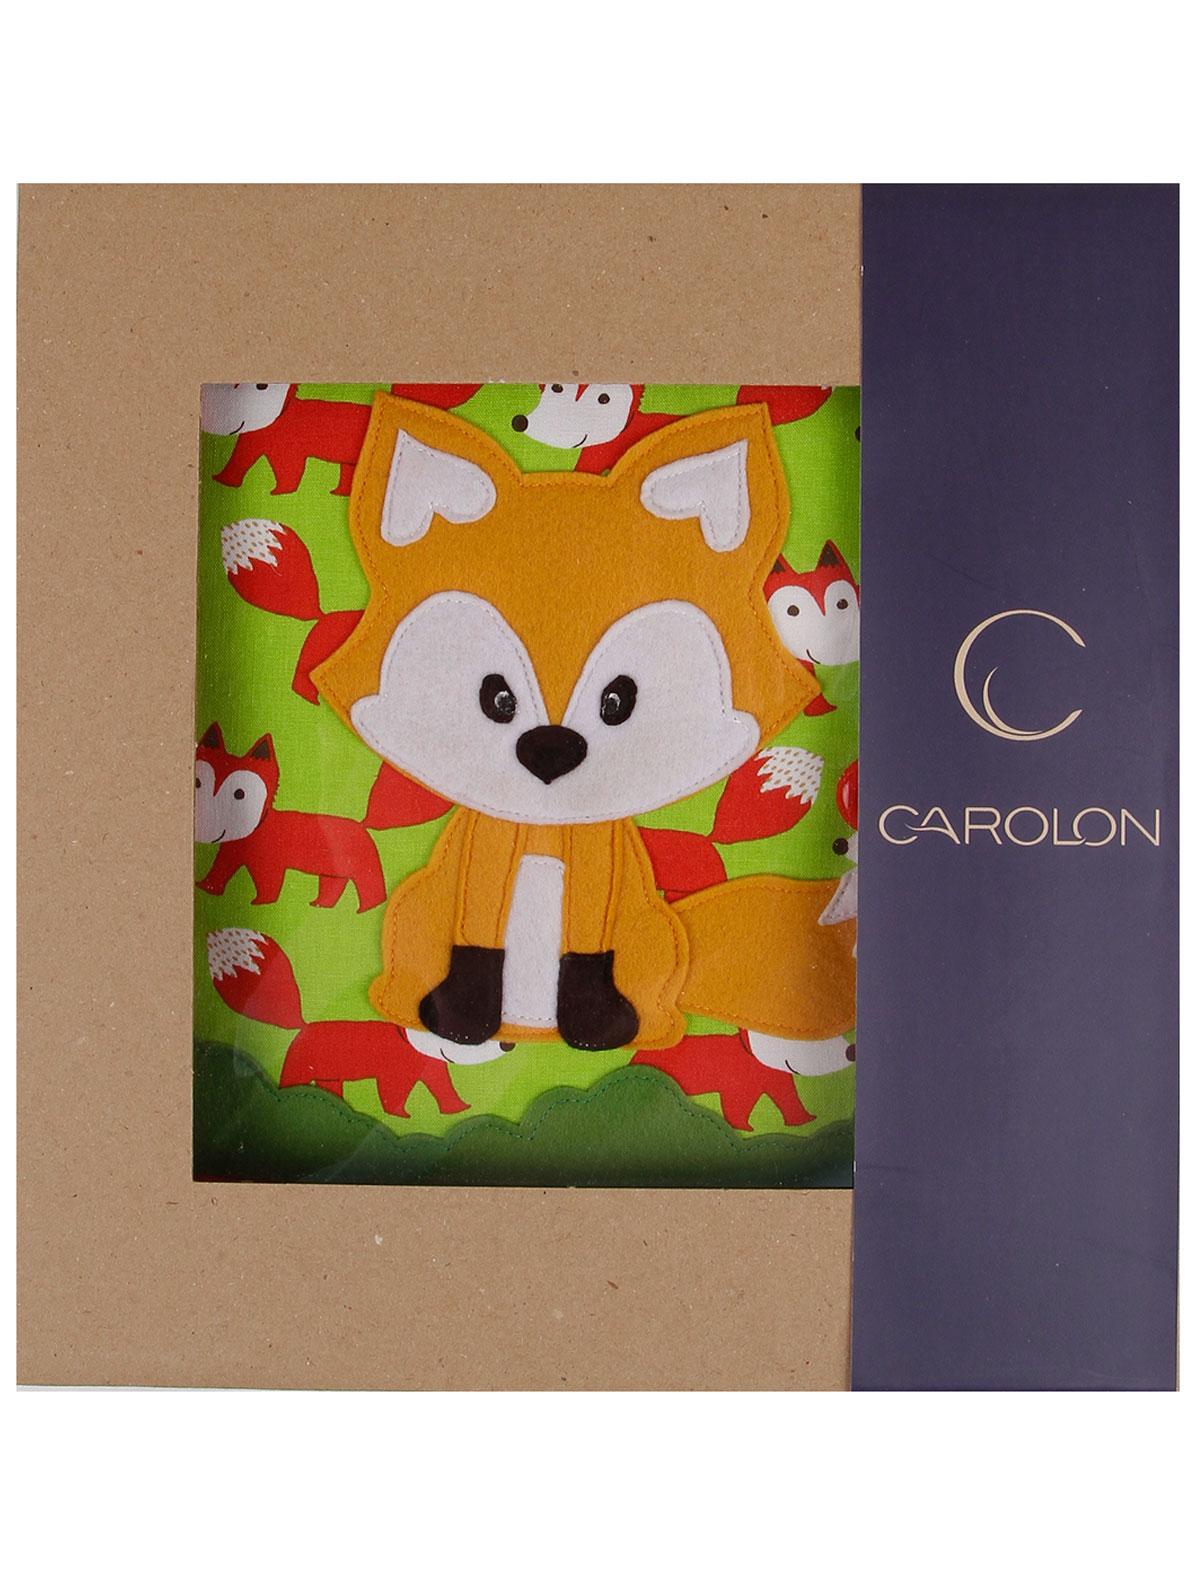 Купить 2146970, Игрушка Carolon, разноцветный, 7132520980593